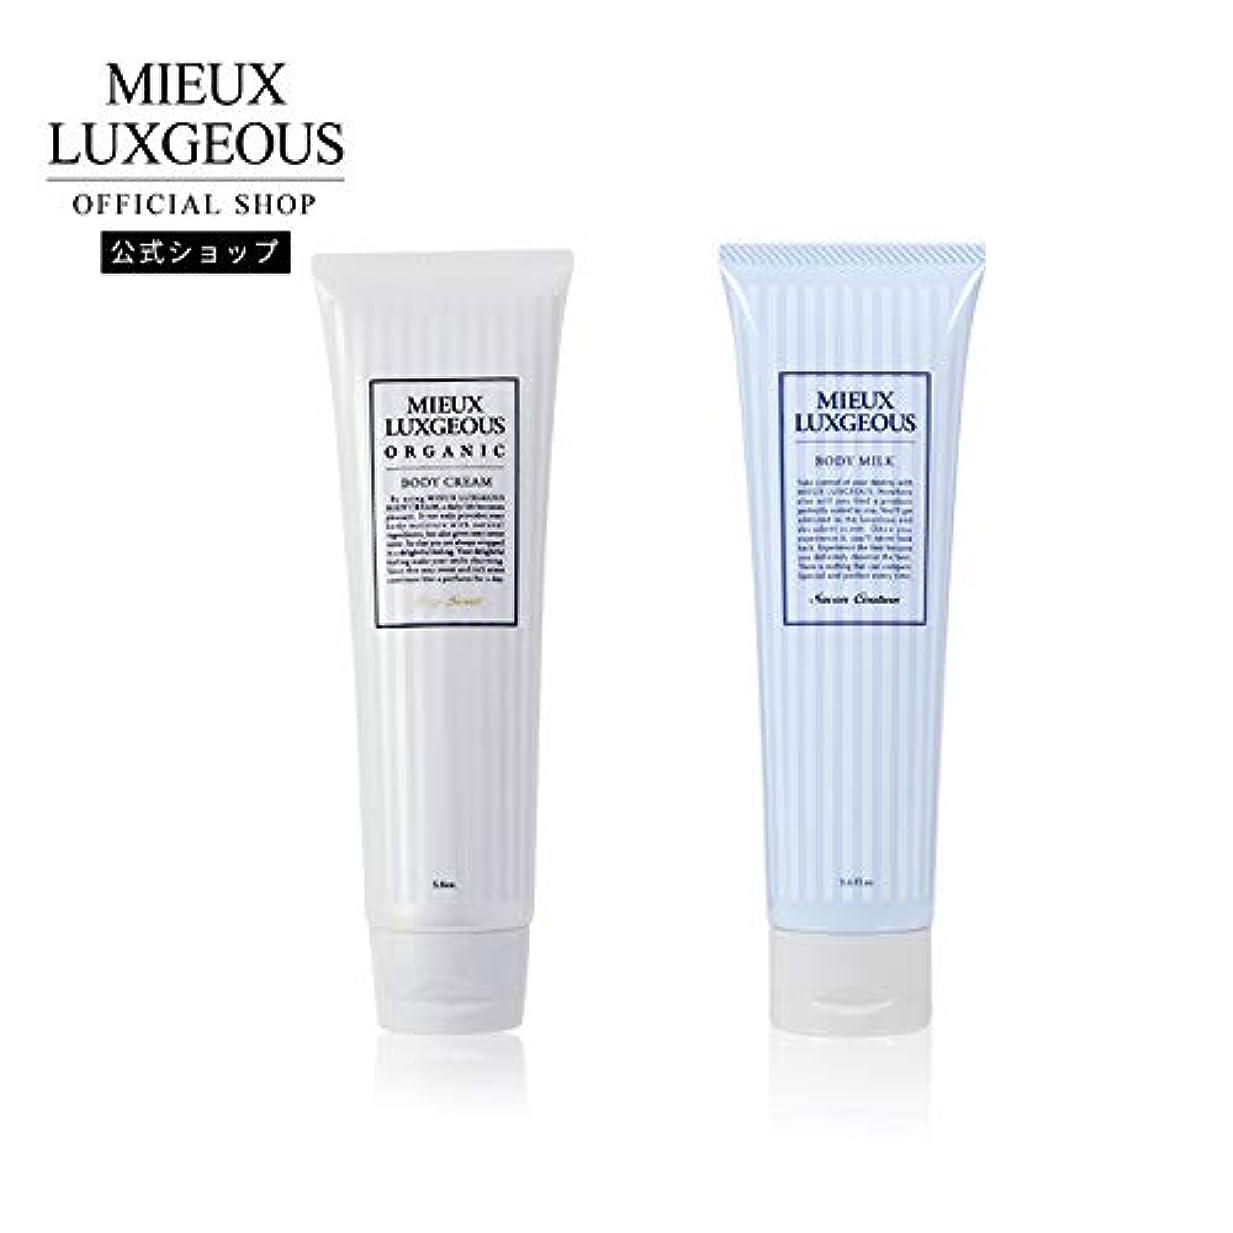 怠な数値対応するミューラグジャス ボディクリーム&ボディミルク Sexy Sweetの香り&Savon Coutureの香り